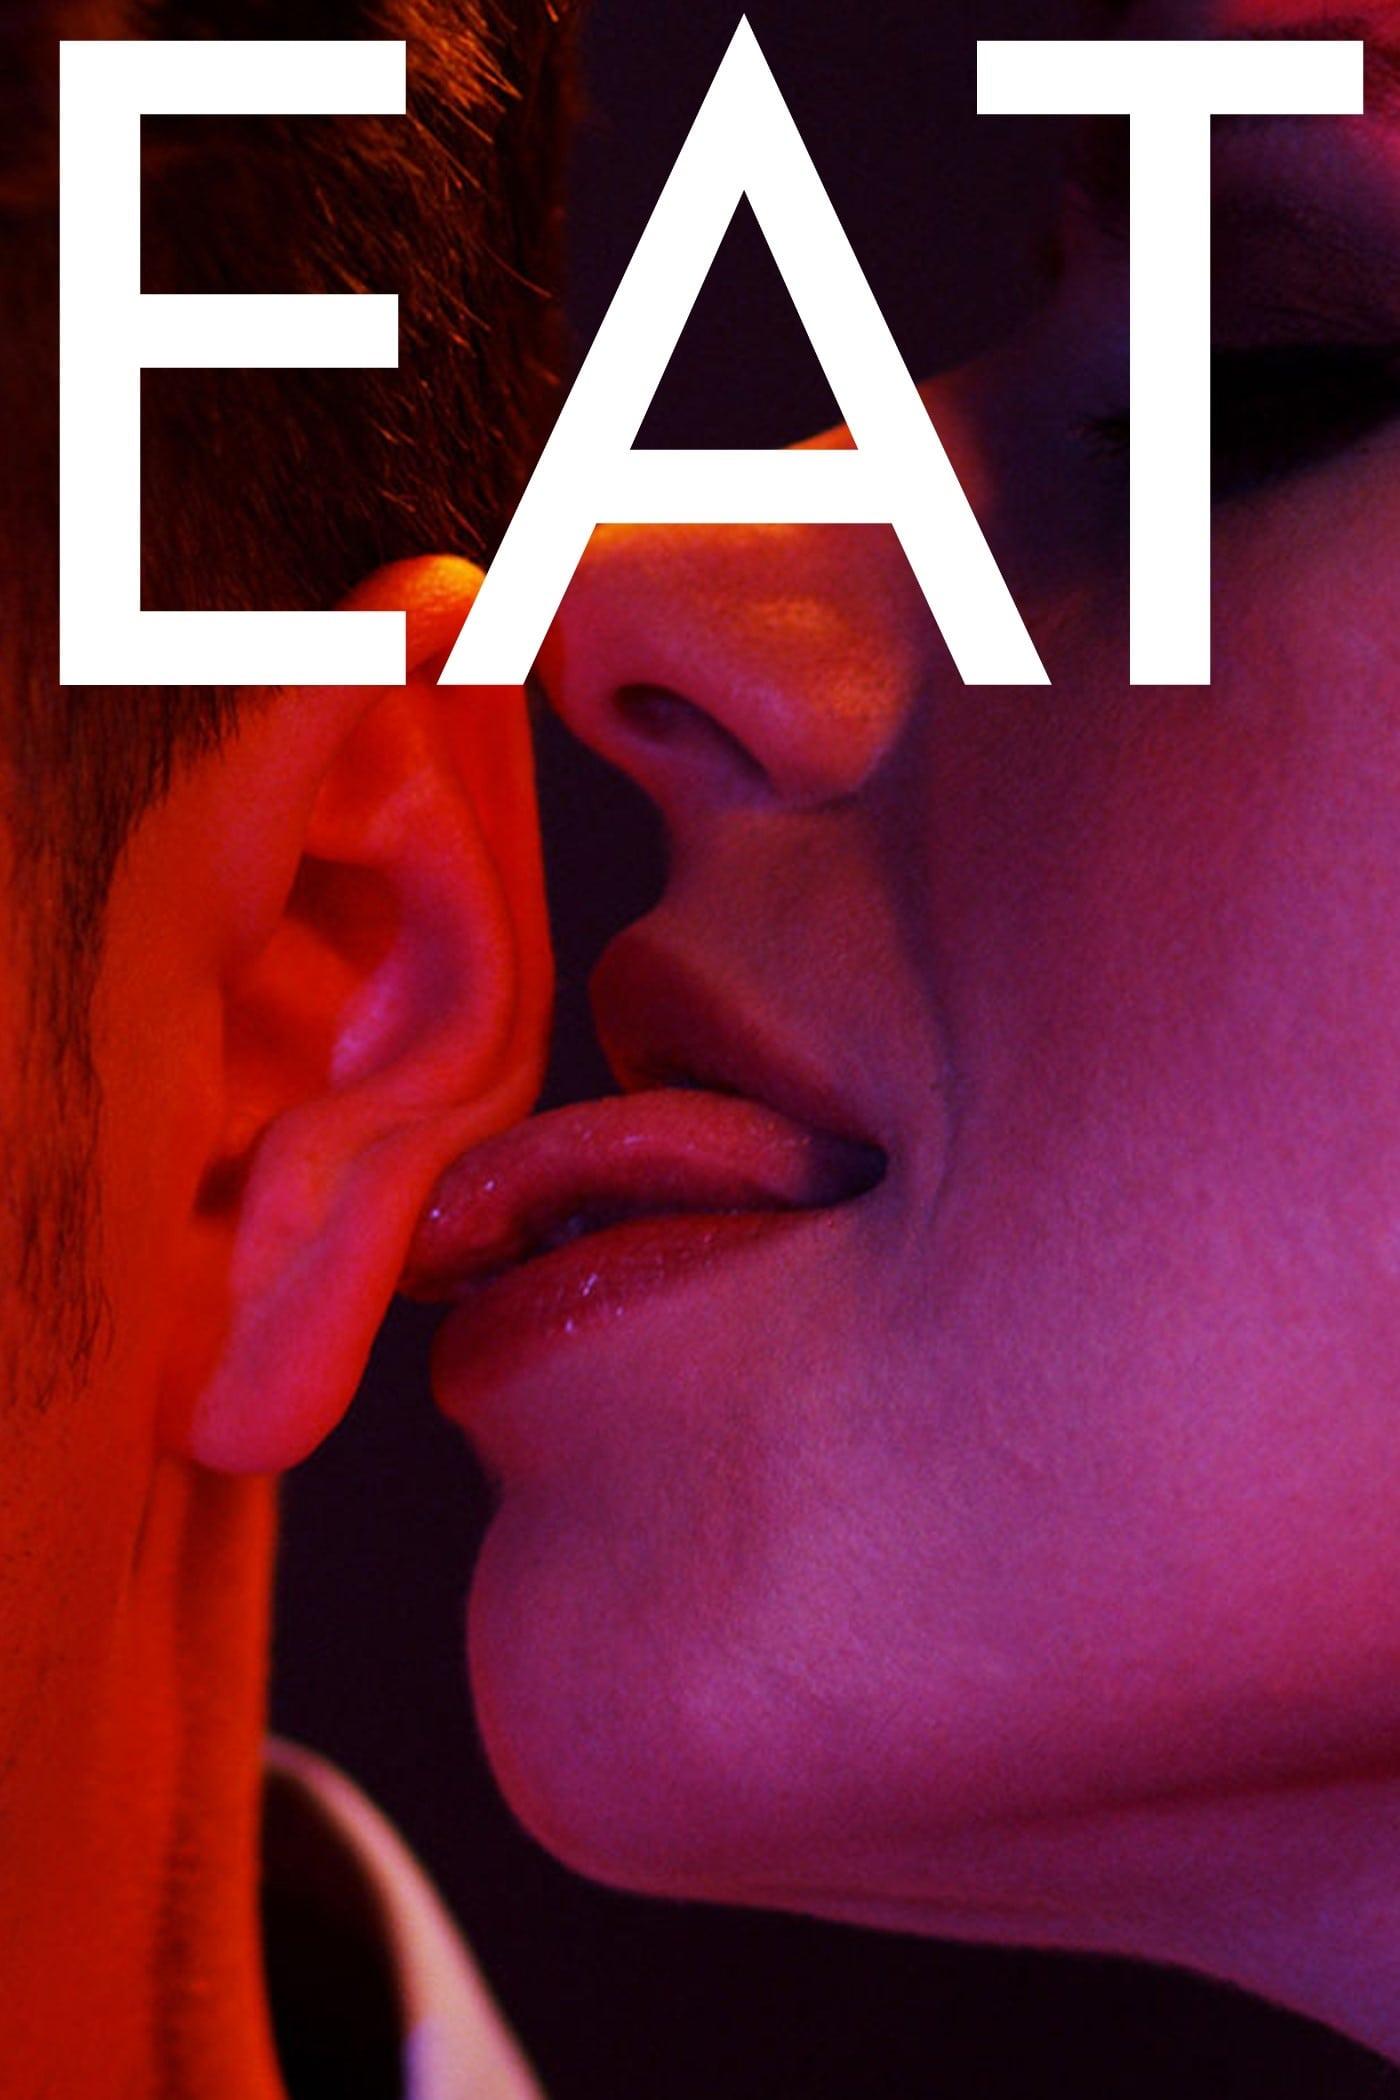 Eat - Ich hab mich zum Fressen gern